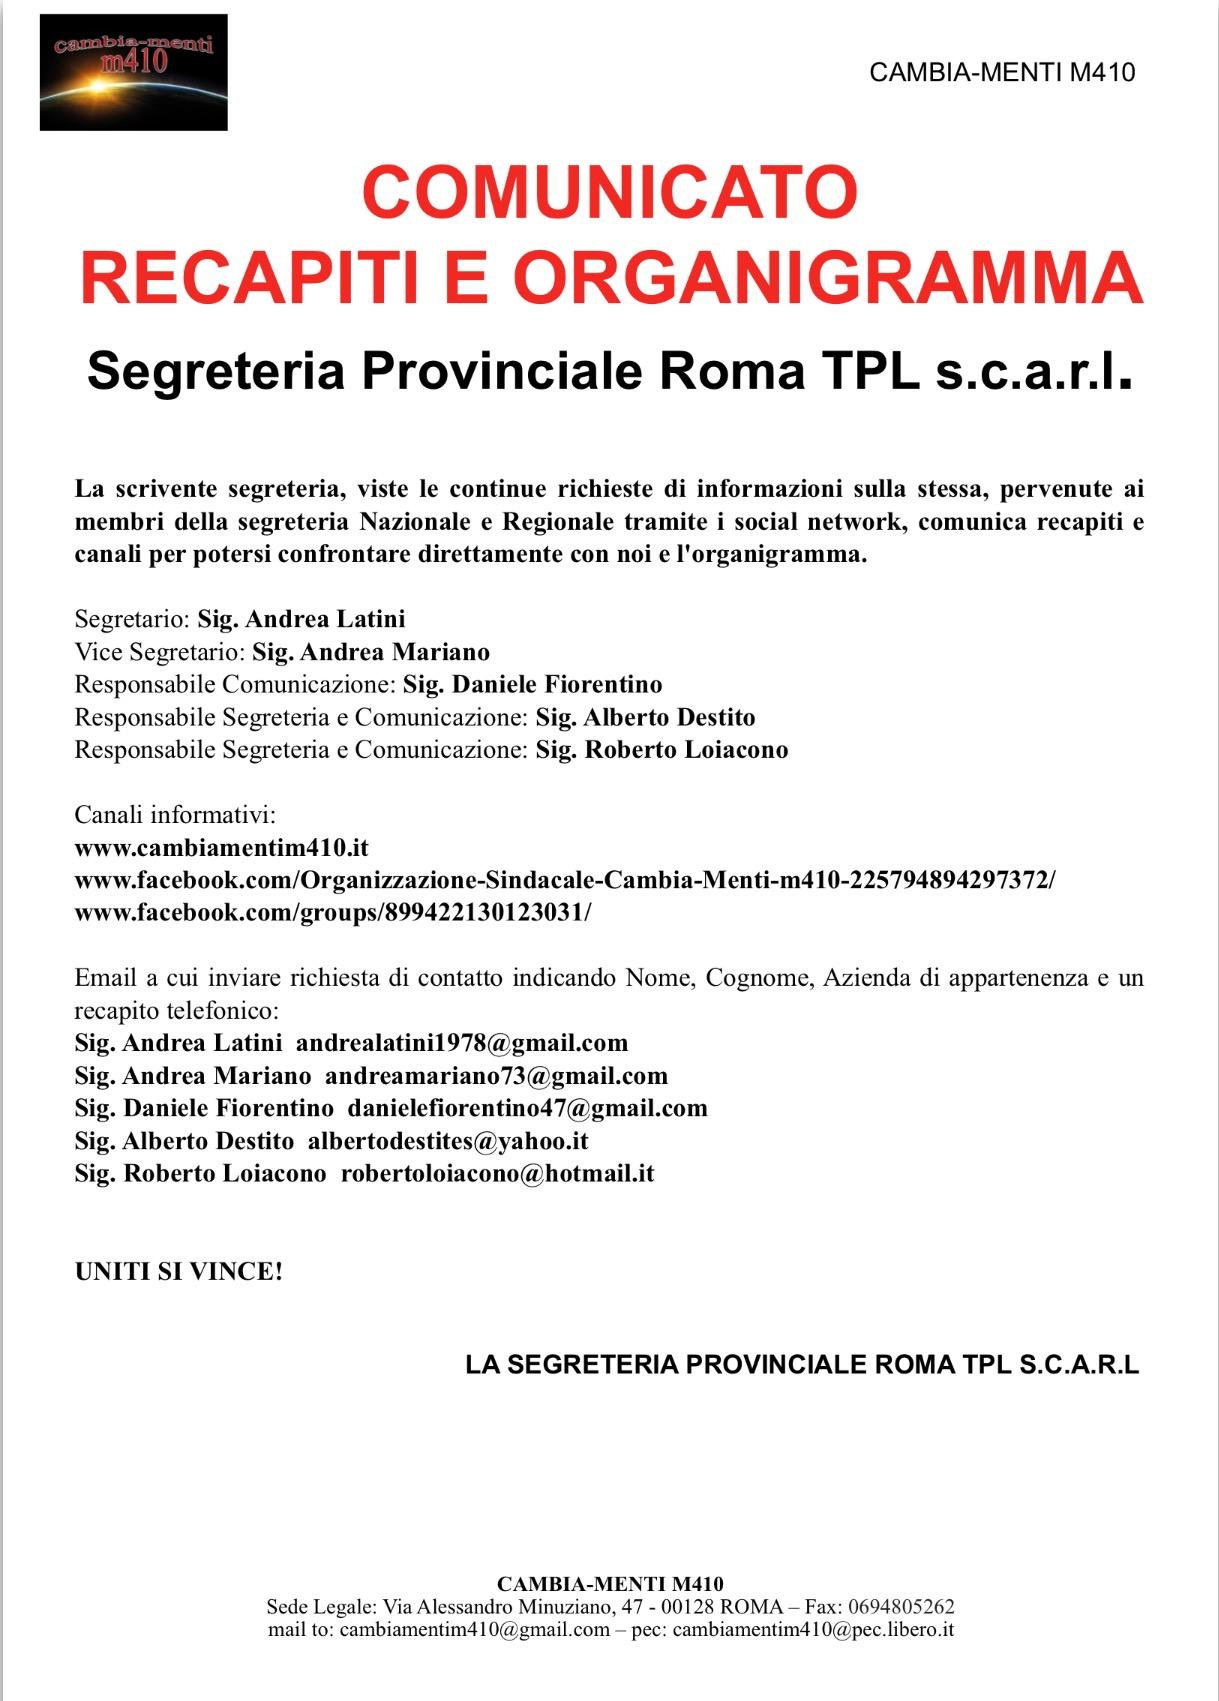 Recapiti e Organigramma Segreteria Roma Tpl scarl